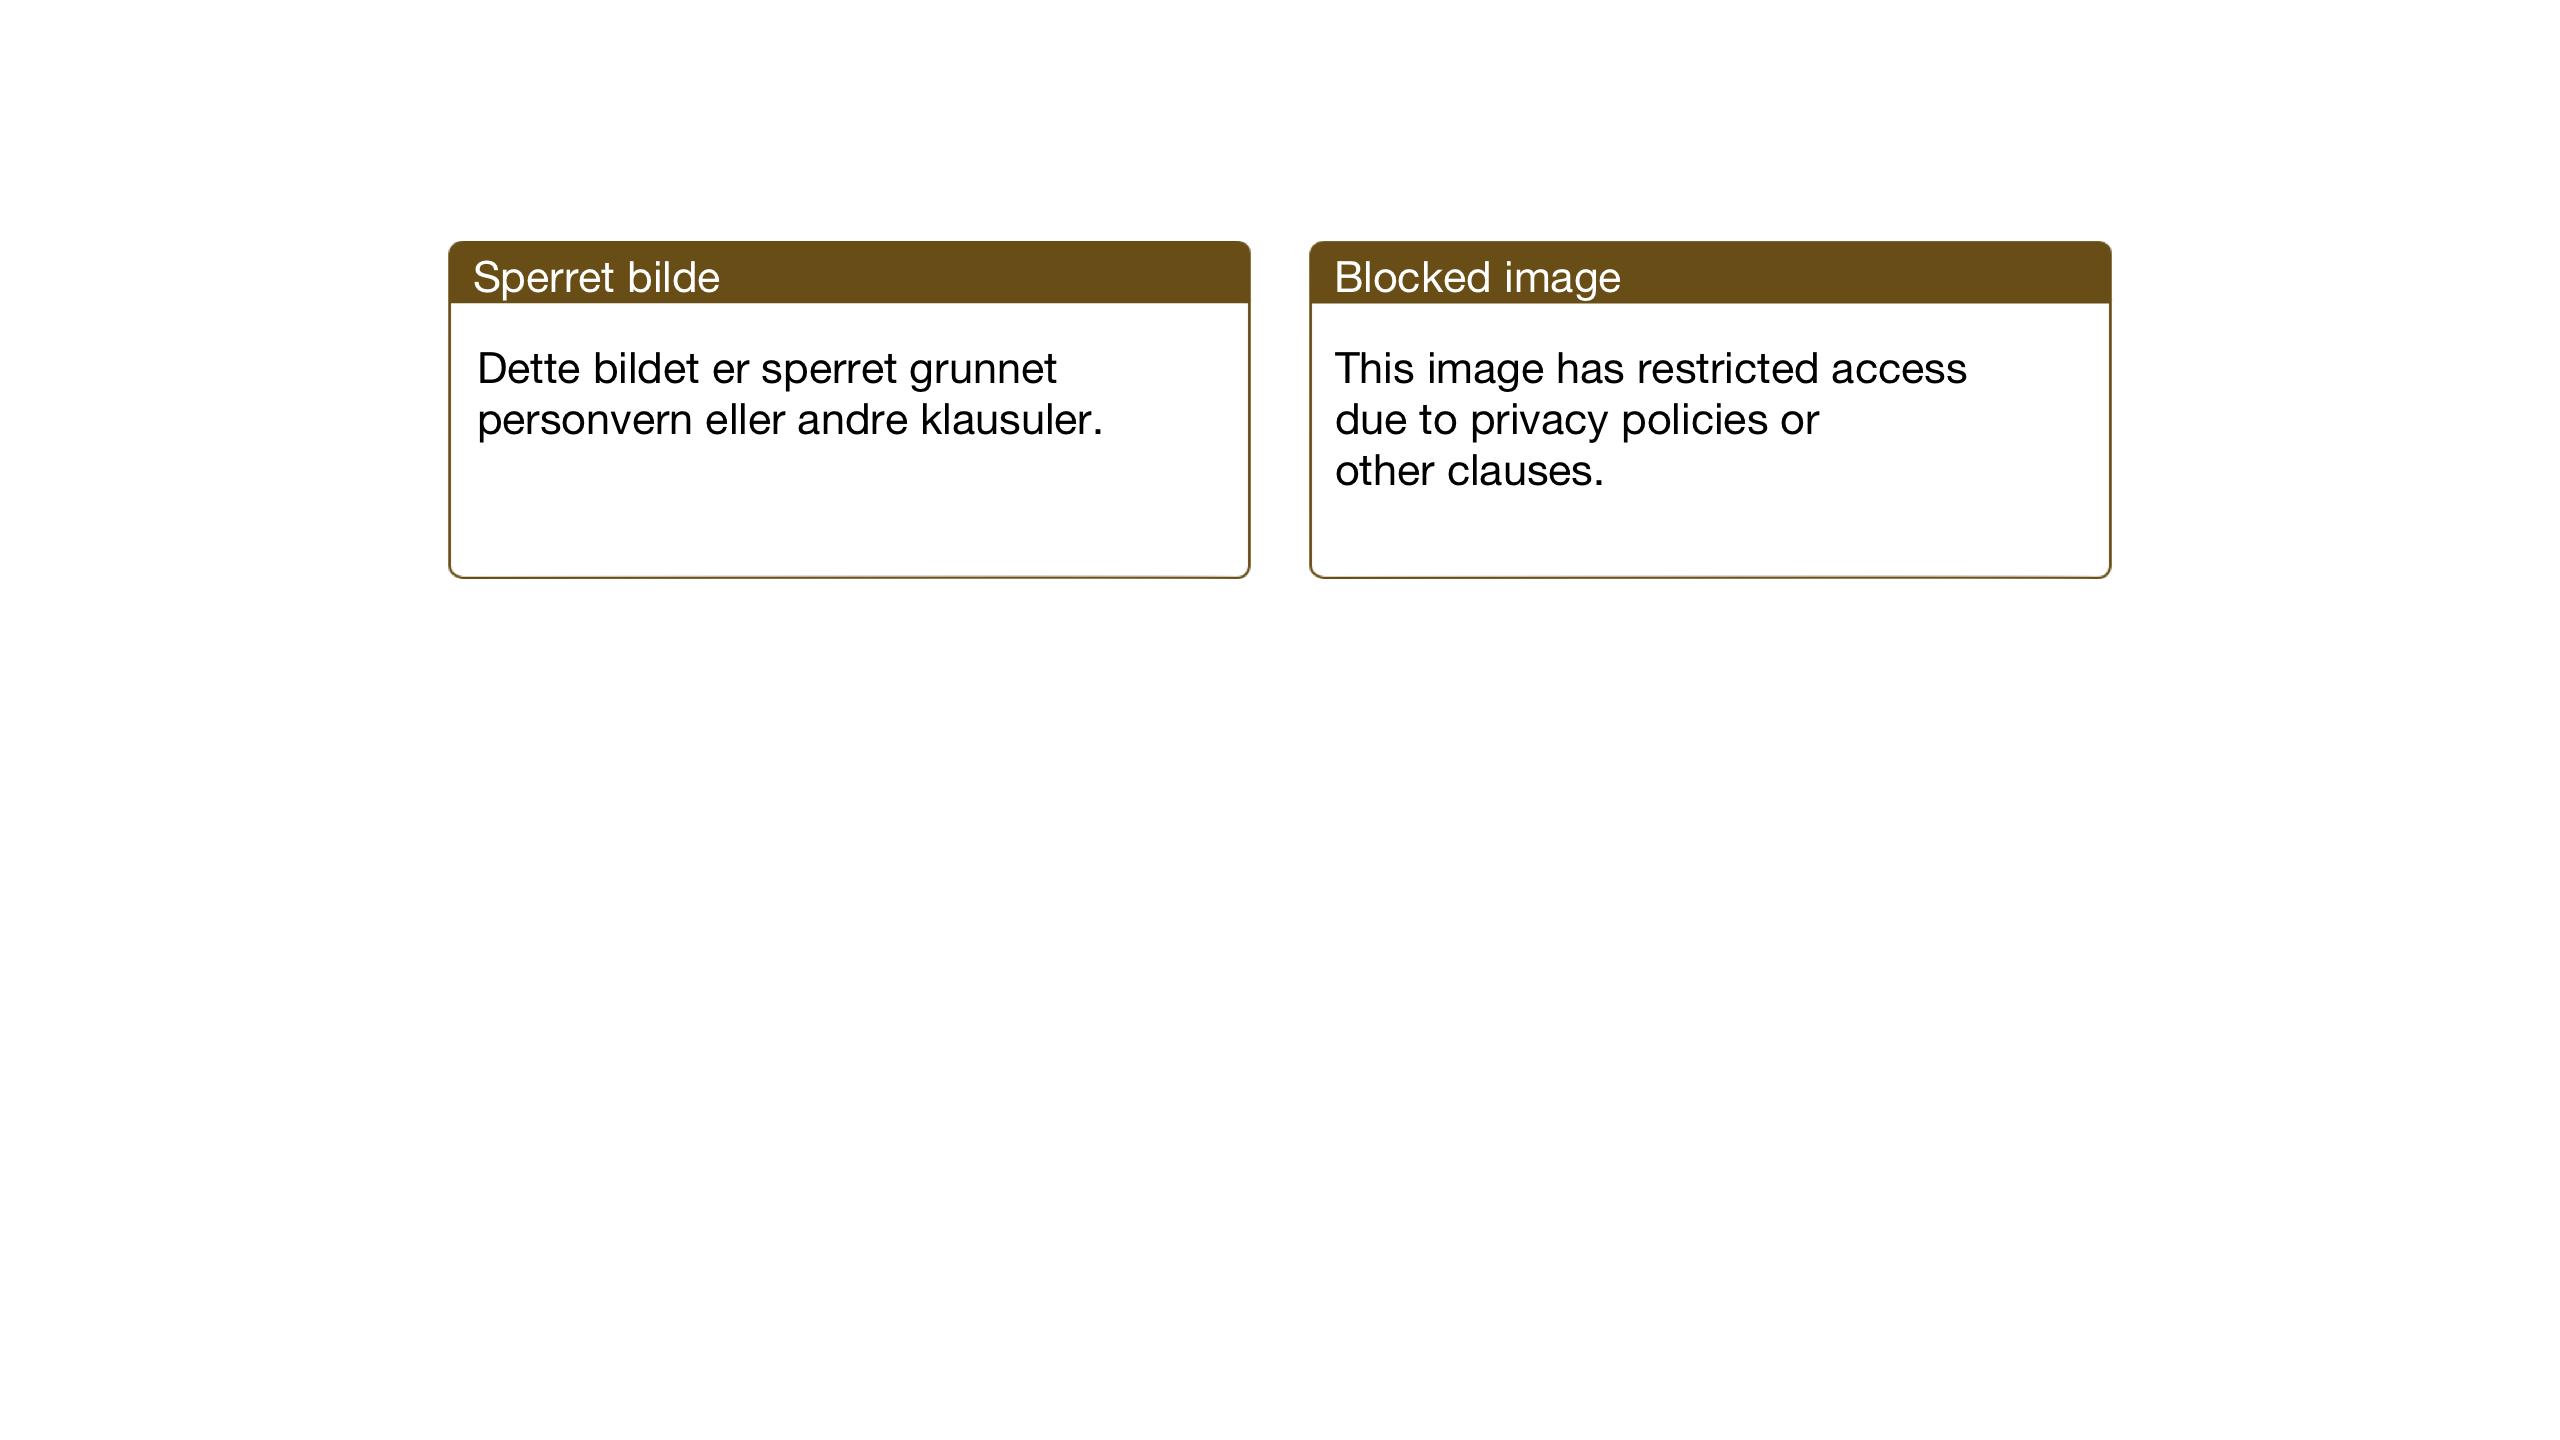 SAT, Ministerialprotokoller, klokkerbøker og fødselsregistre - Sør-Trøndelag, 602/L0153: Klokkerbok nr. 602C21, 1940-1949, s. 75